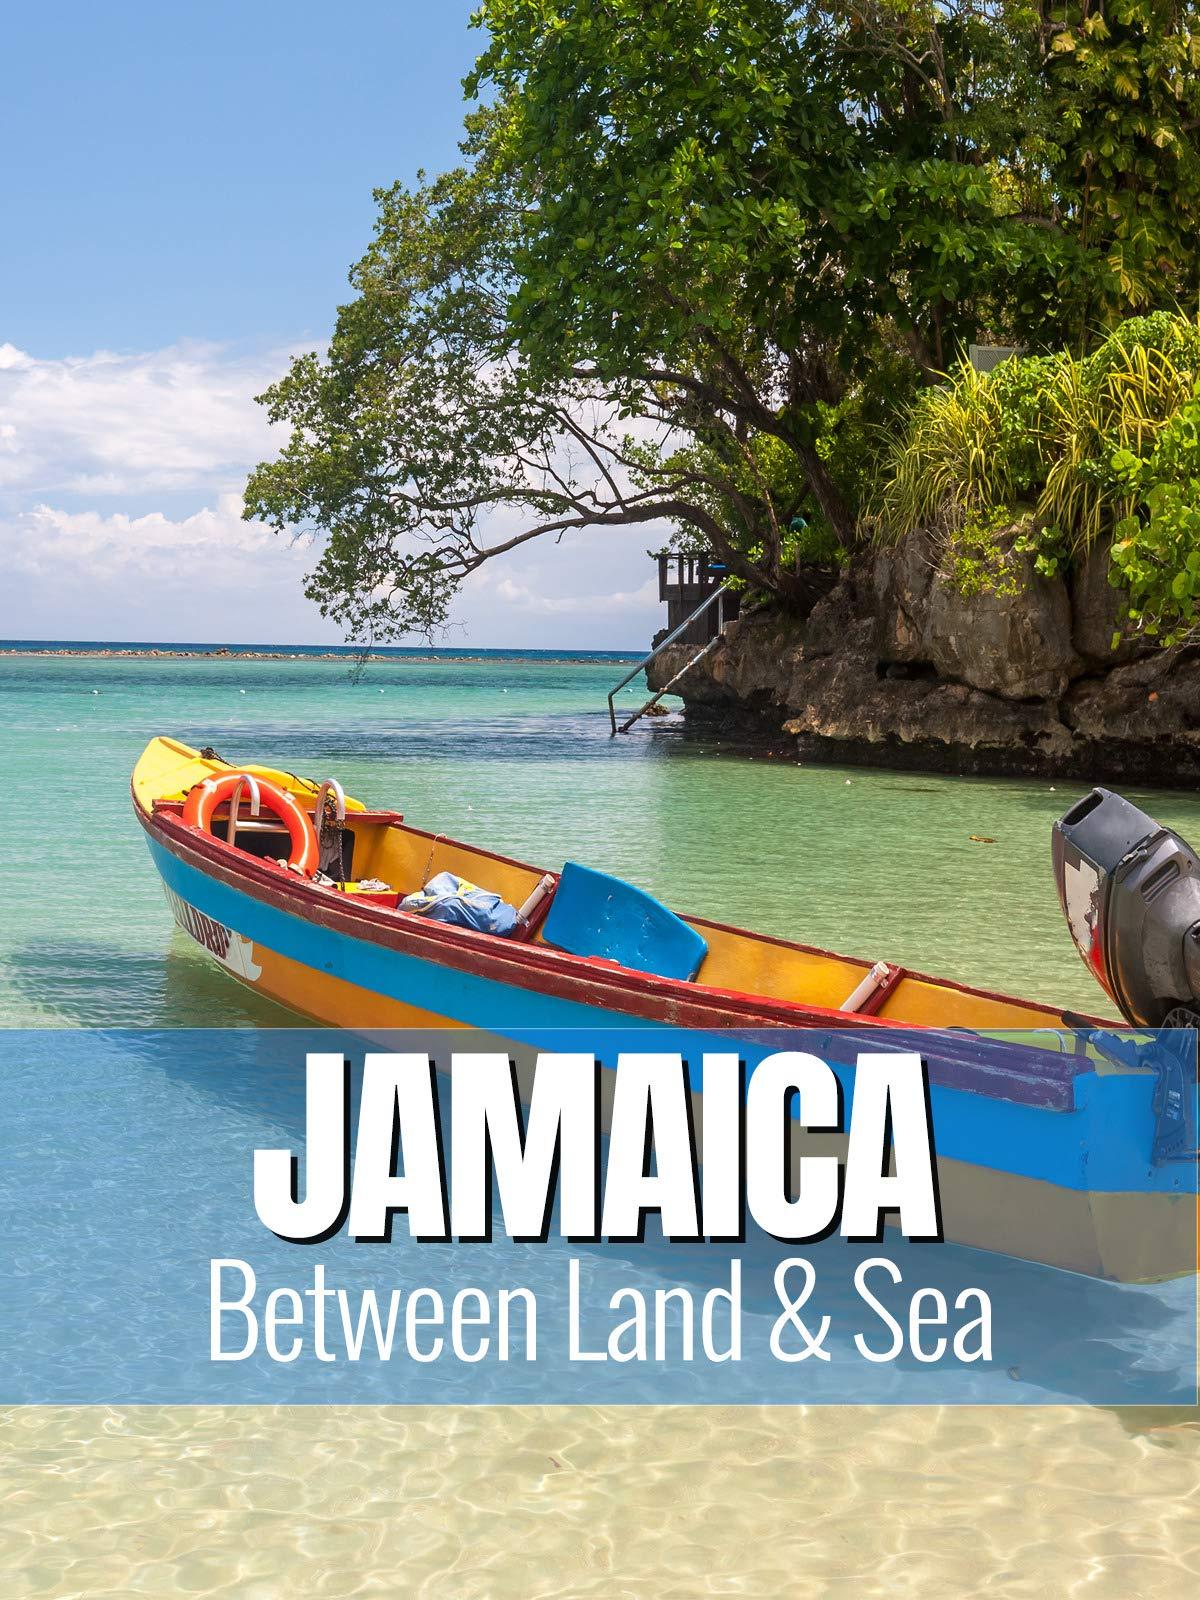 Jamaica - Between Land & Sea